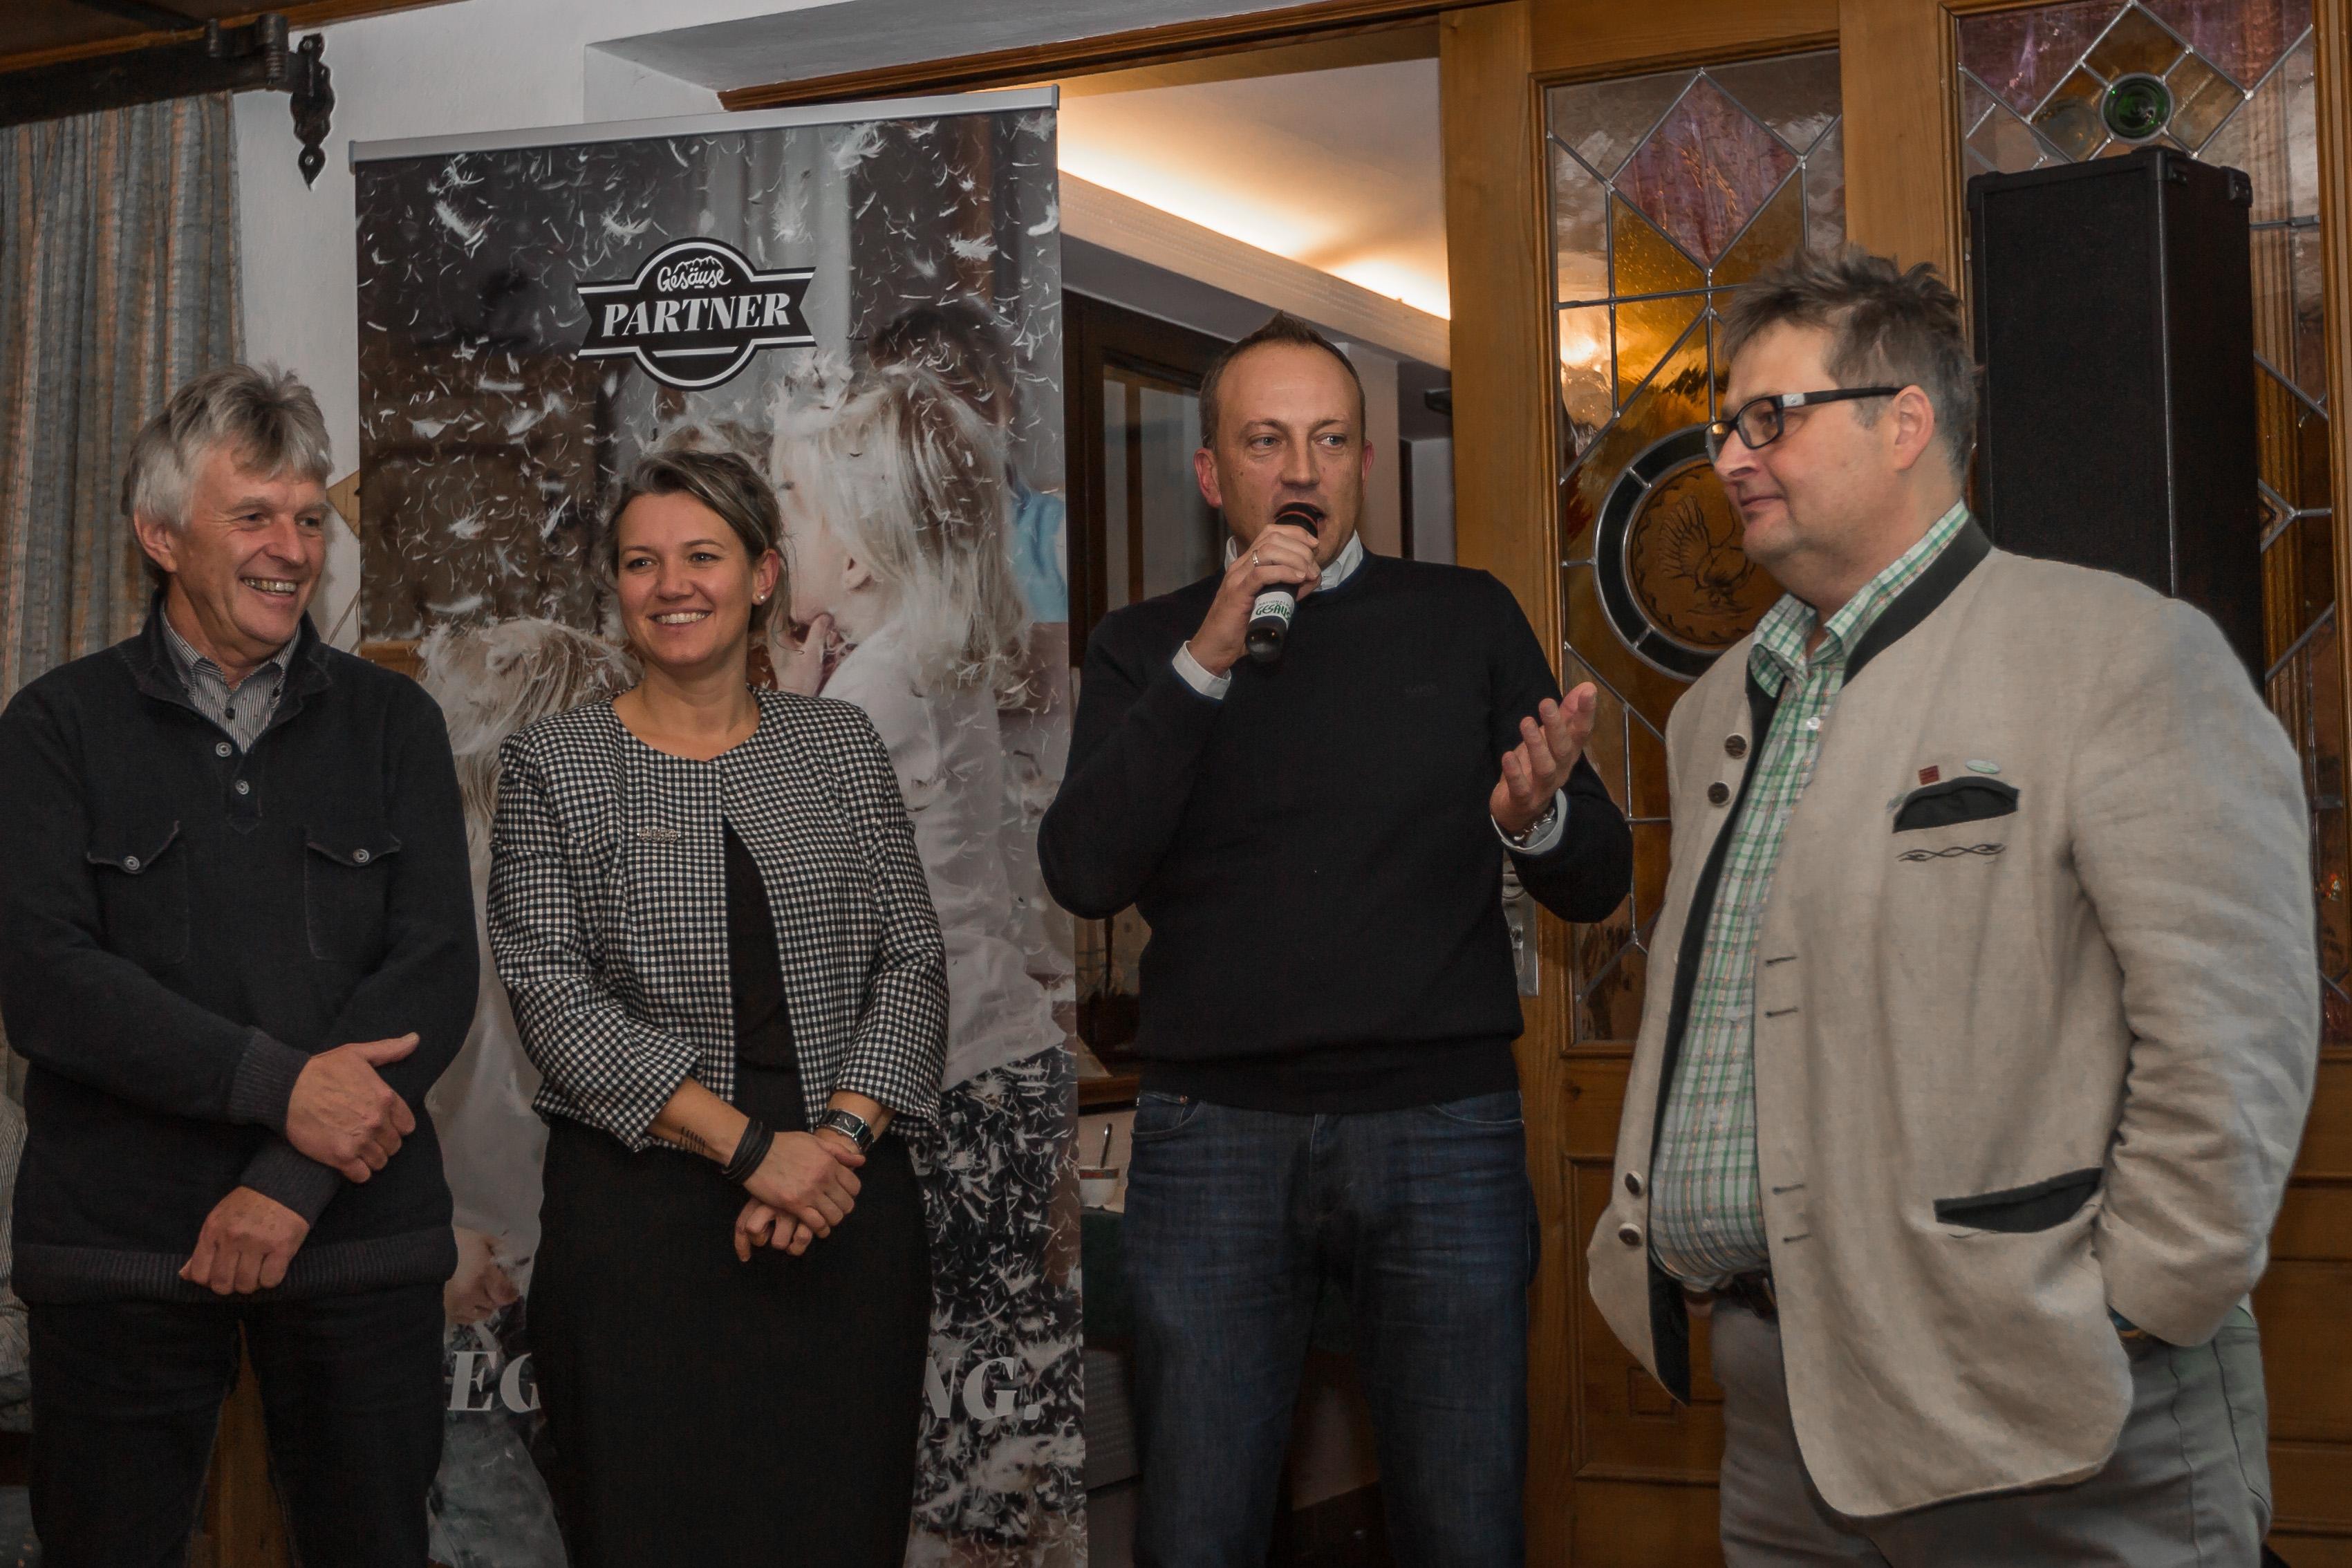 v.l.n.r. Hermann Watzl (Bürgermeister Admont), Eva Stiermayr (GF Regionalmanagement Bezirk Liezen), Armin Forstner (Bürgermeister St. Gallen) mit Christoph Pirafelner (Gesäuse Partner)